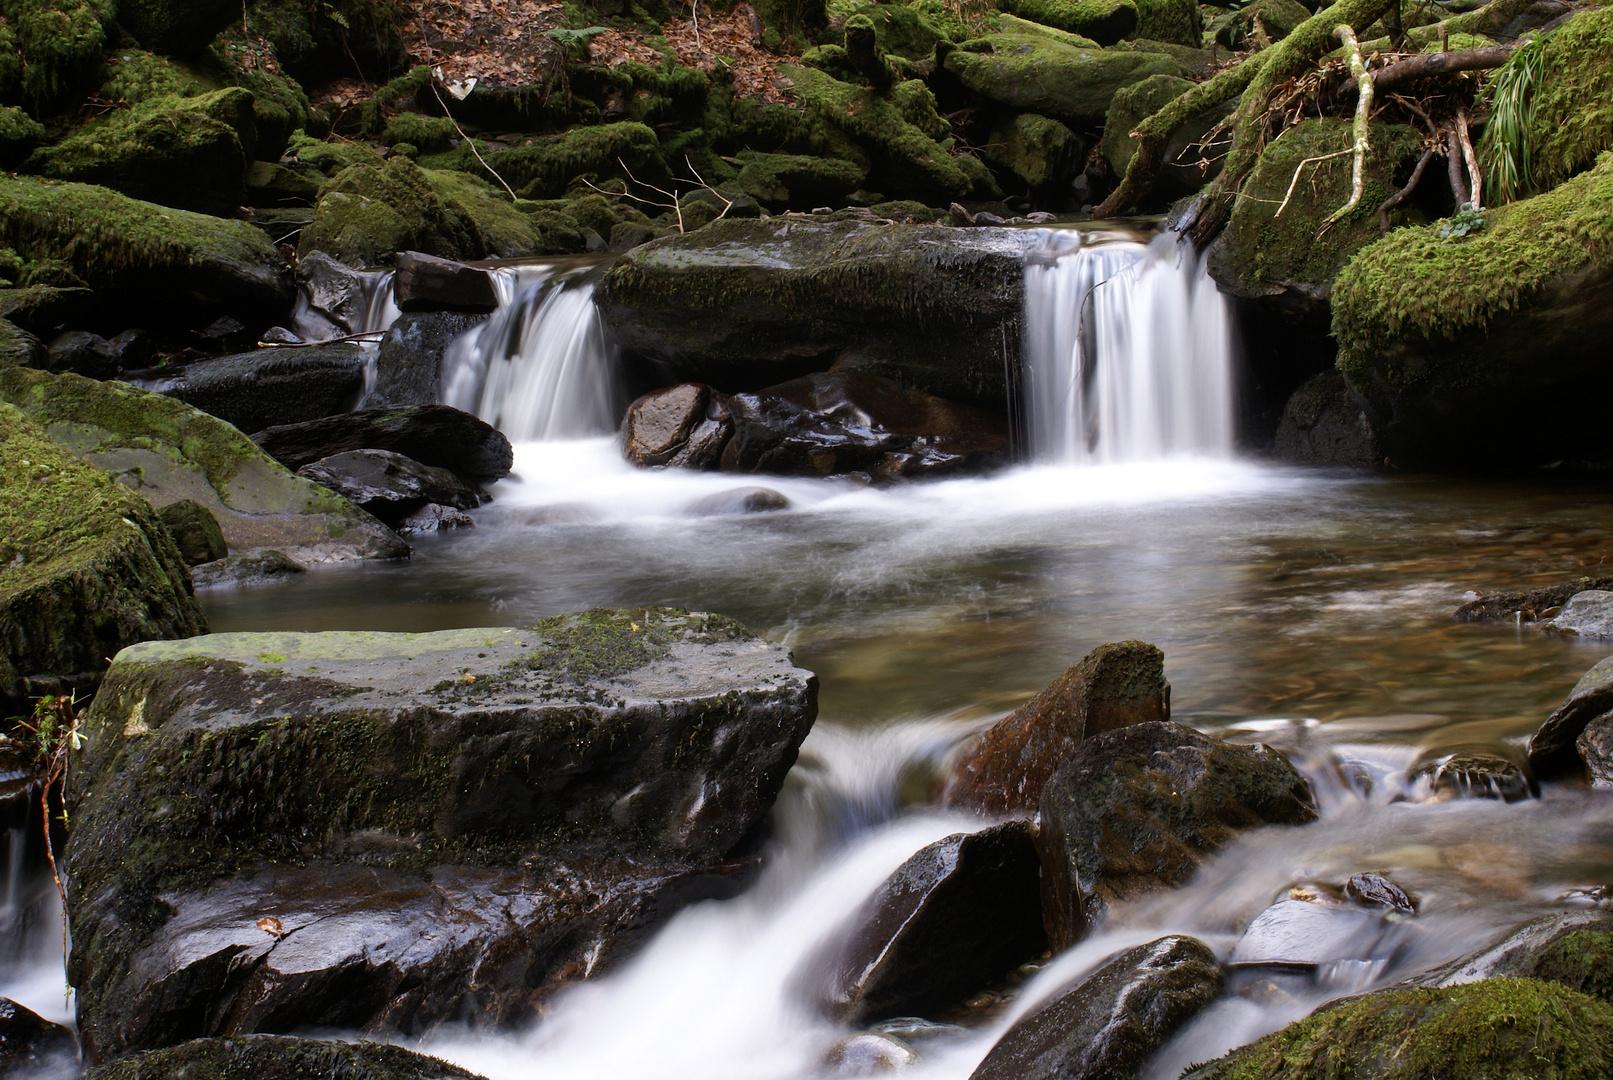 Irland - Torc Waterfall